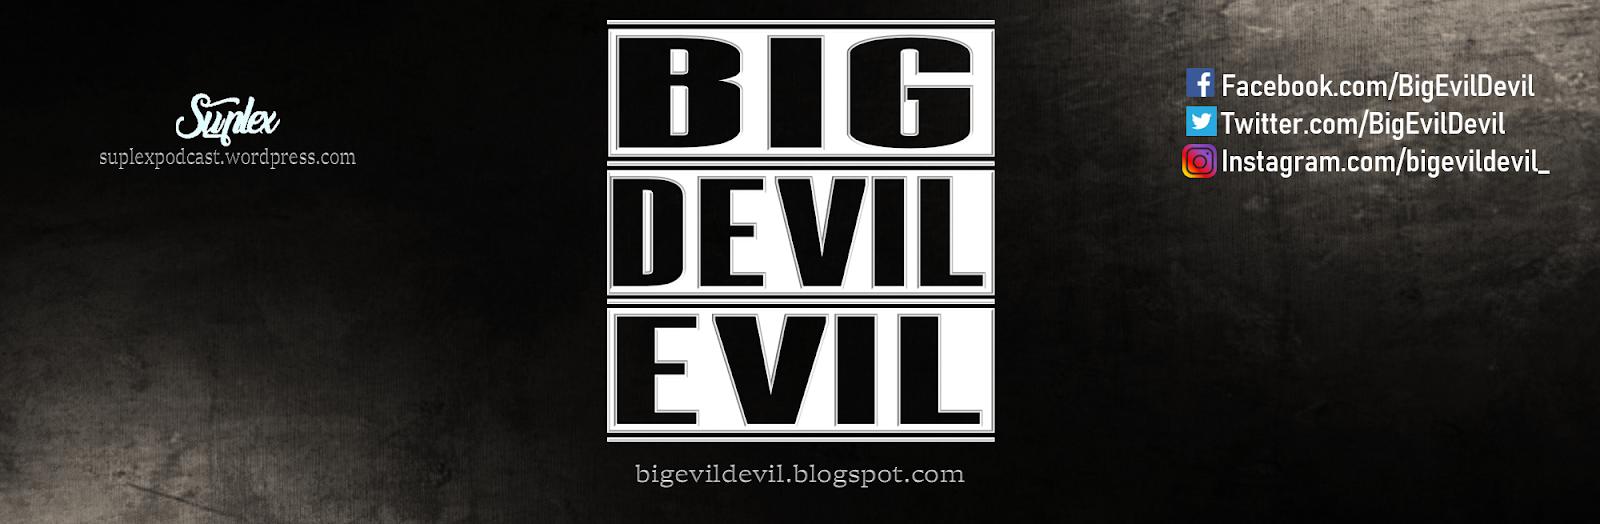 BigEvilDevil